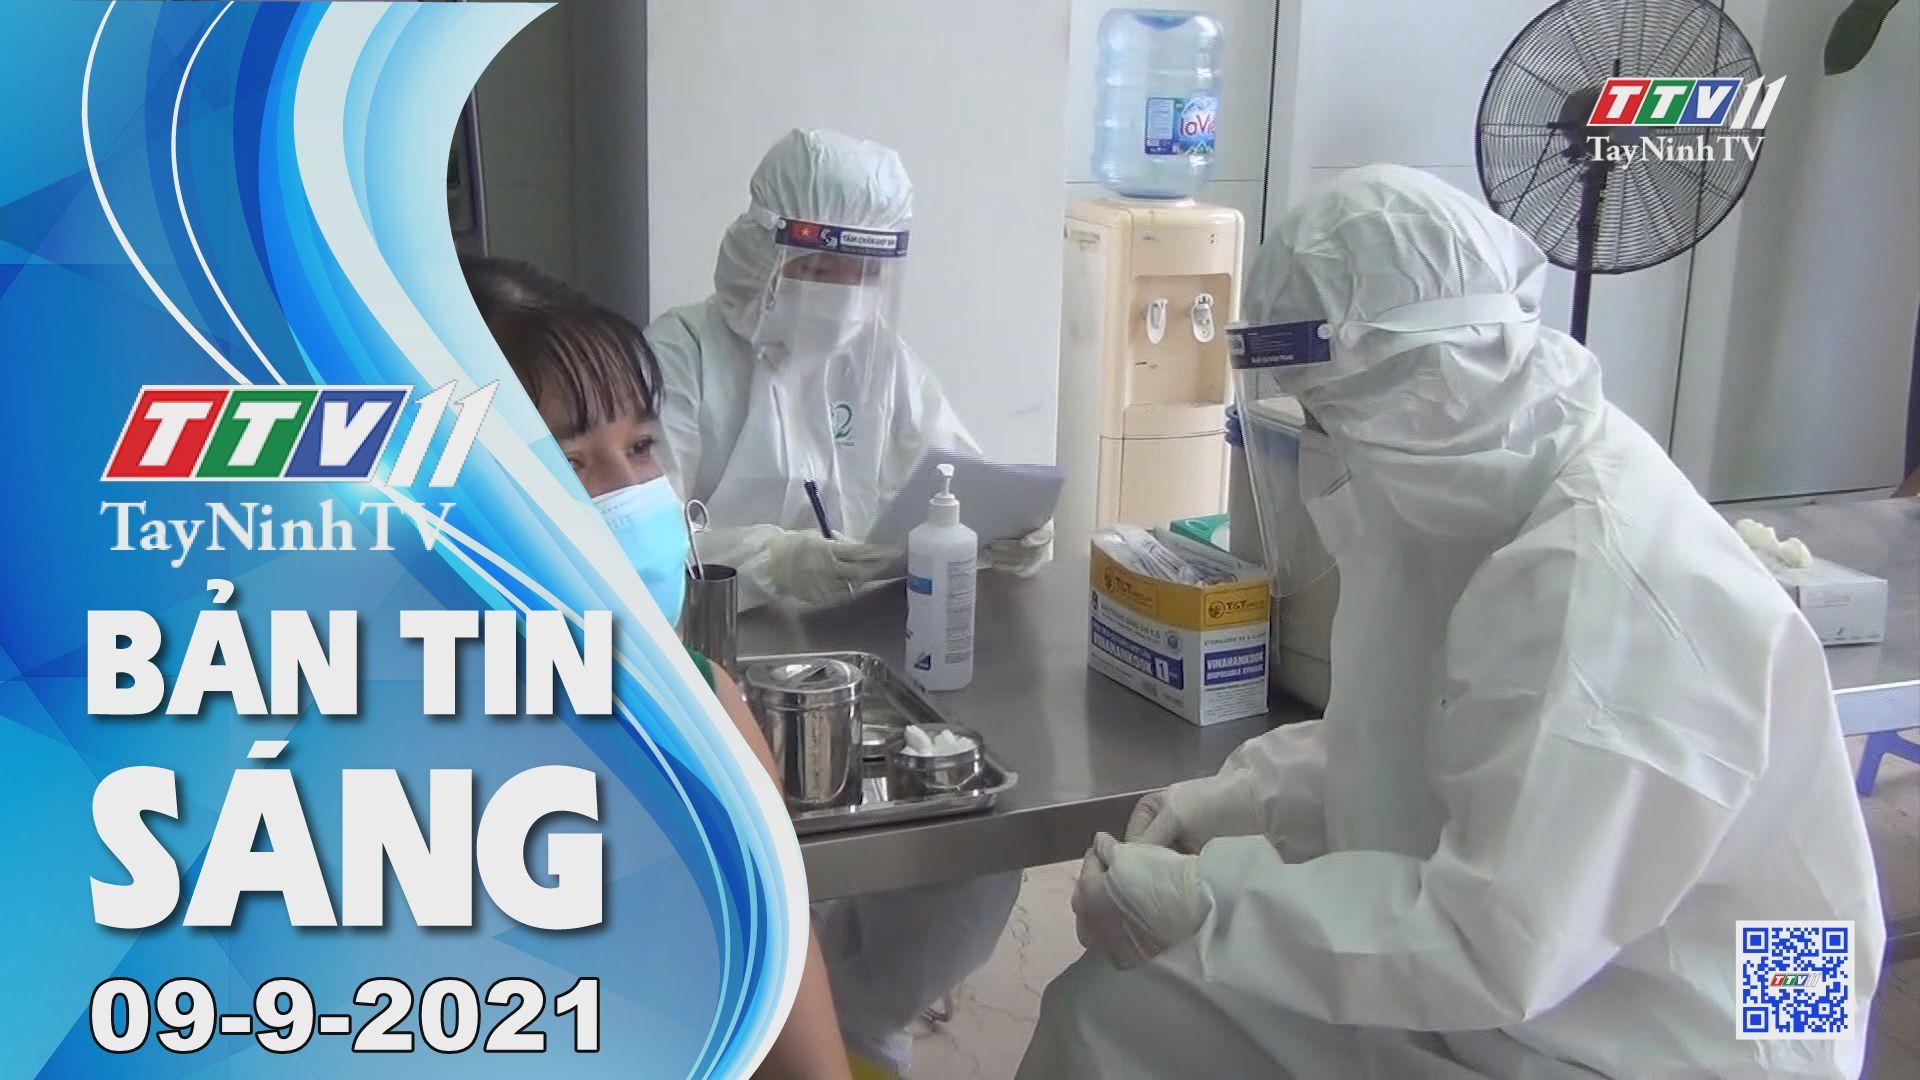 Bản tin sáng 09-9-2021 | Tin tức hôm nay | TayNinhTV